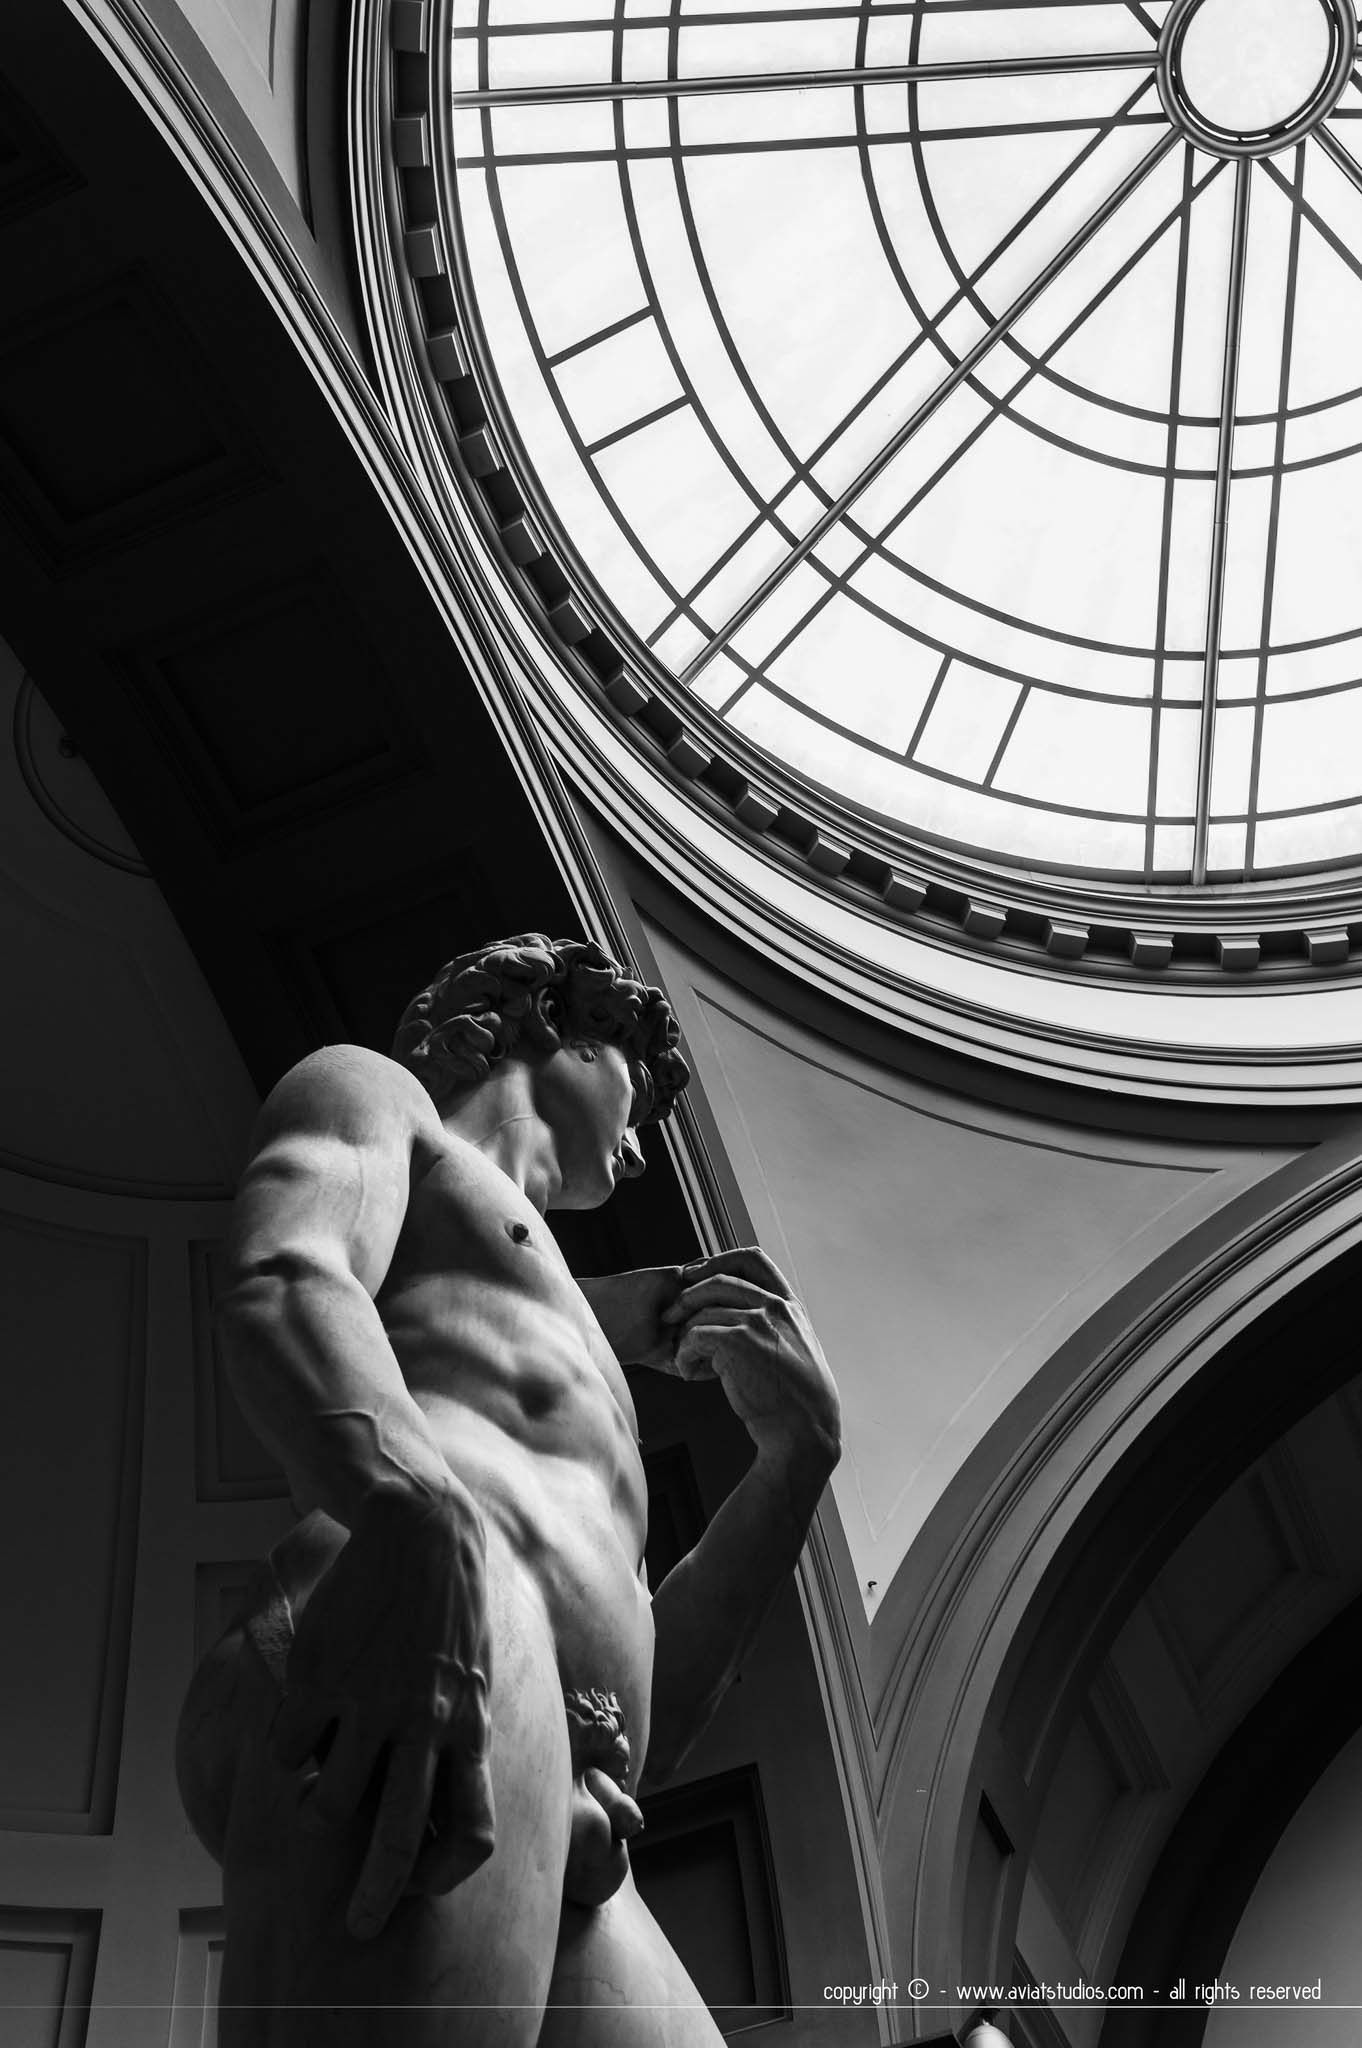 Un week-end à Florence - le David de Michel Ange à la galerie de l'Académie en noir et blanc sous une verrière